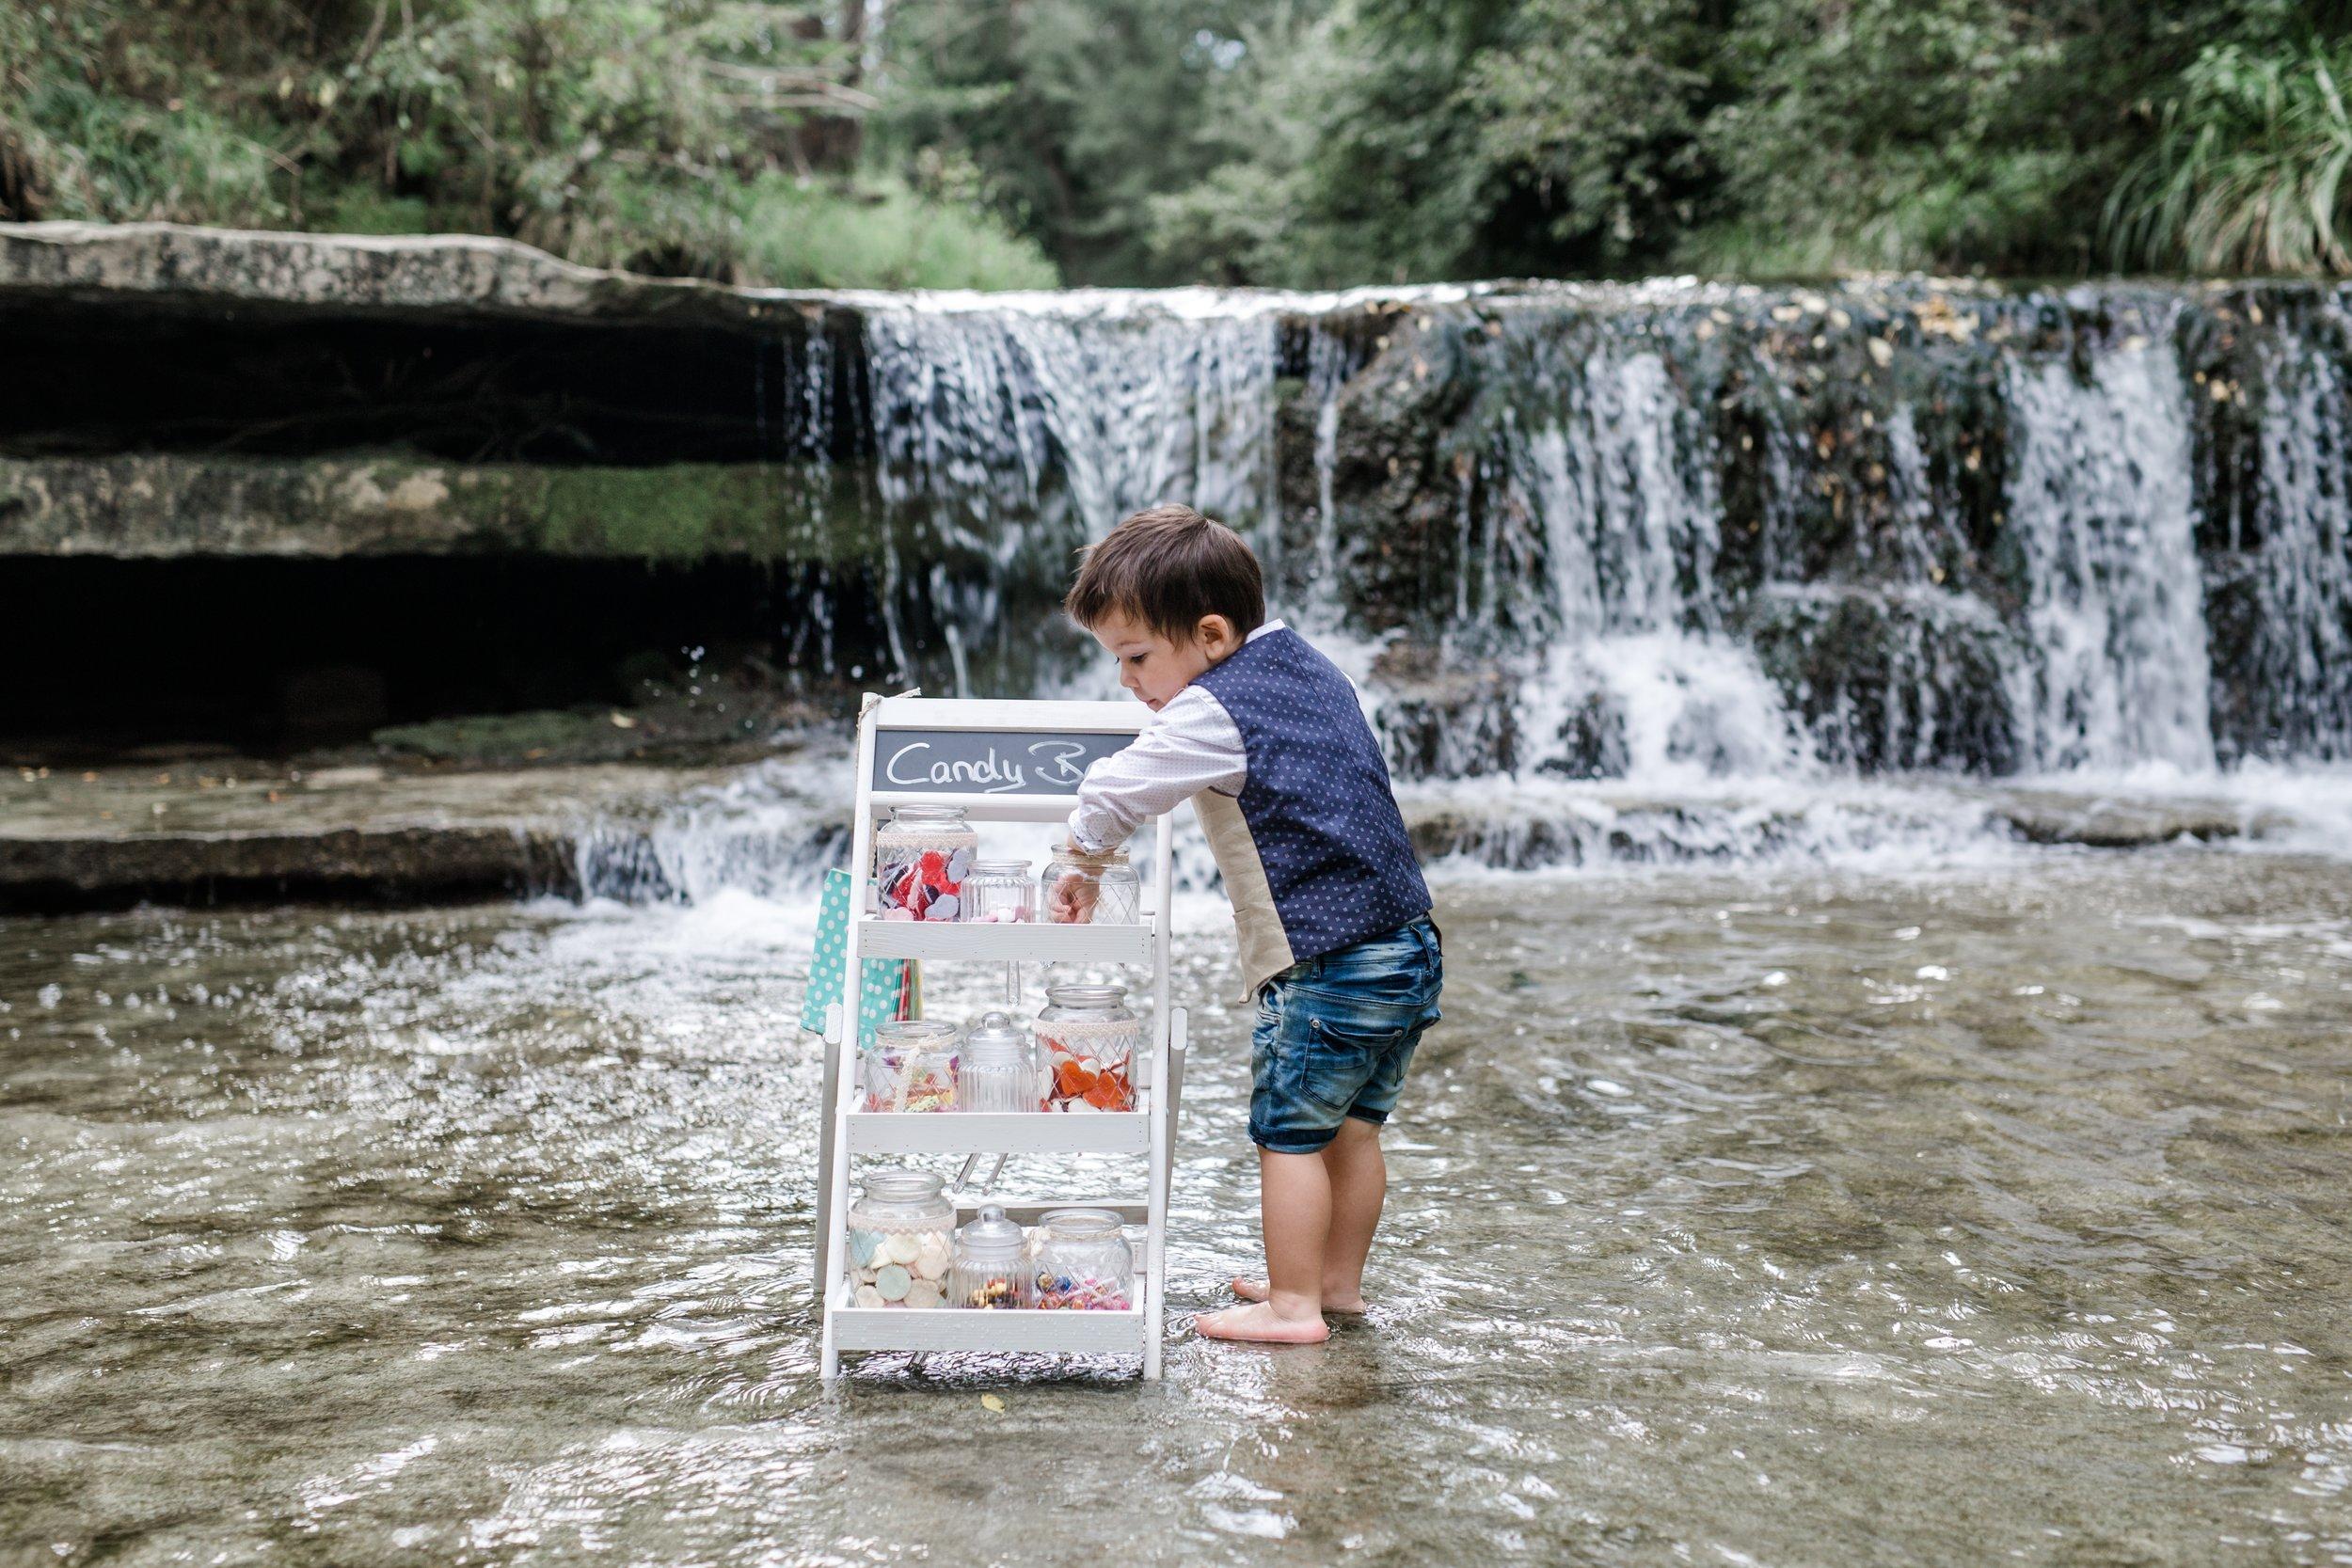 Kindershooting_Wasser-432.JPG